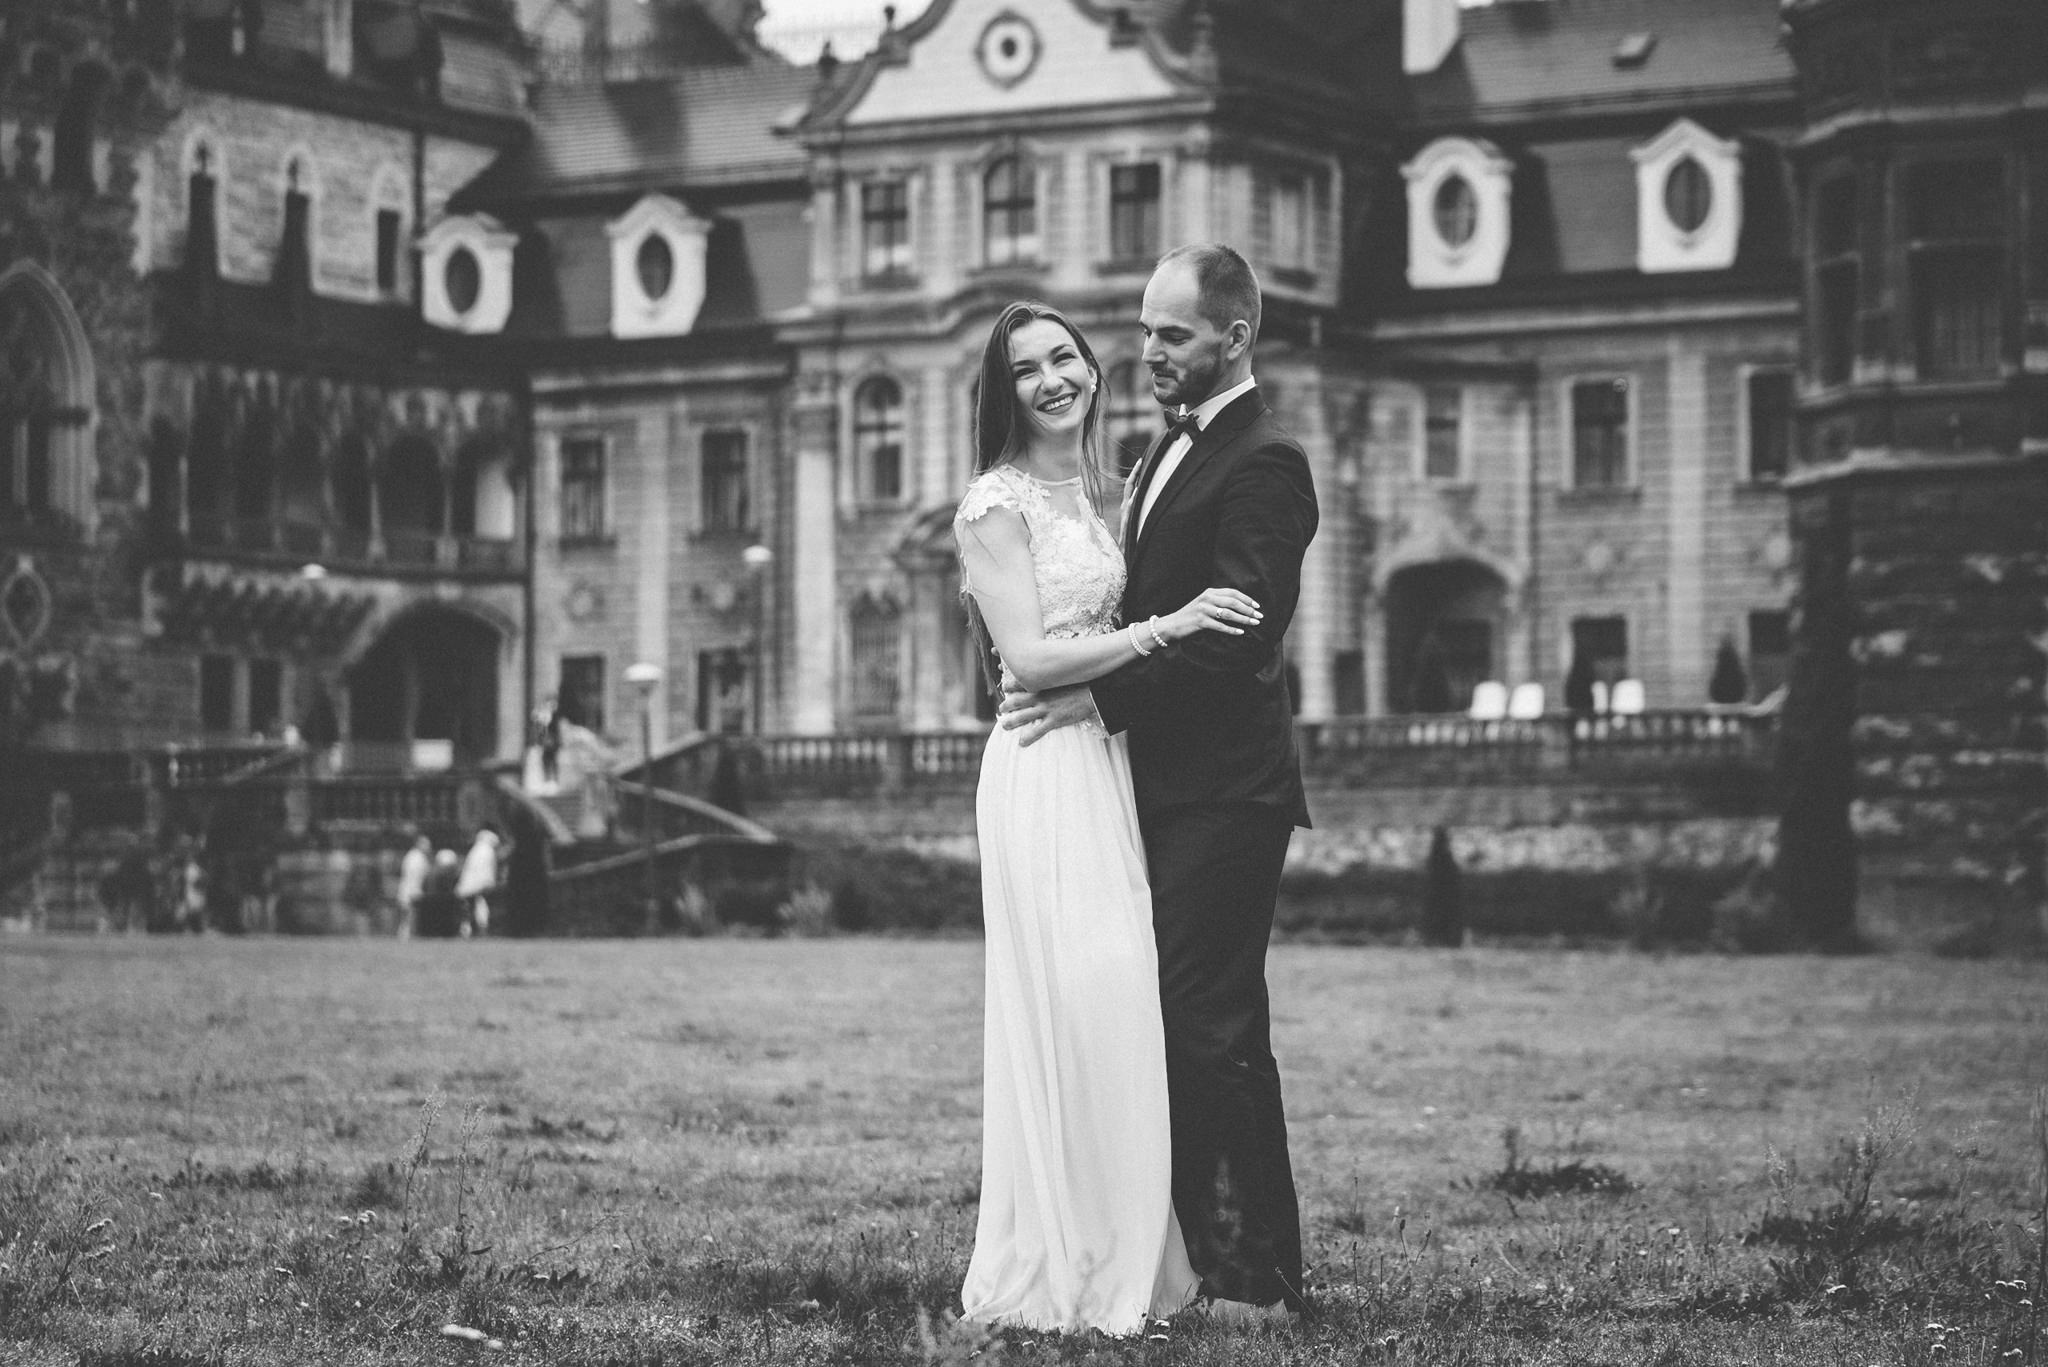 Ala i Arek, czyli jak zorganizować ślub i wesele w 4 tygodnie! 439